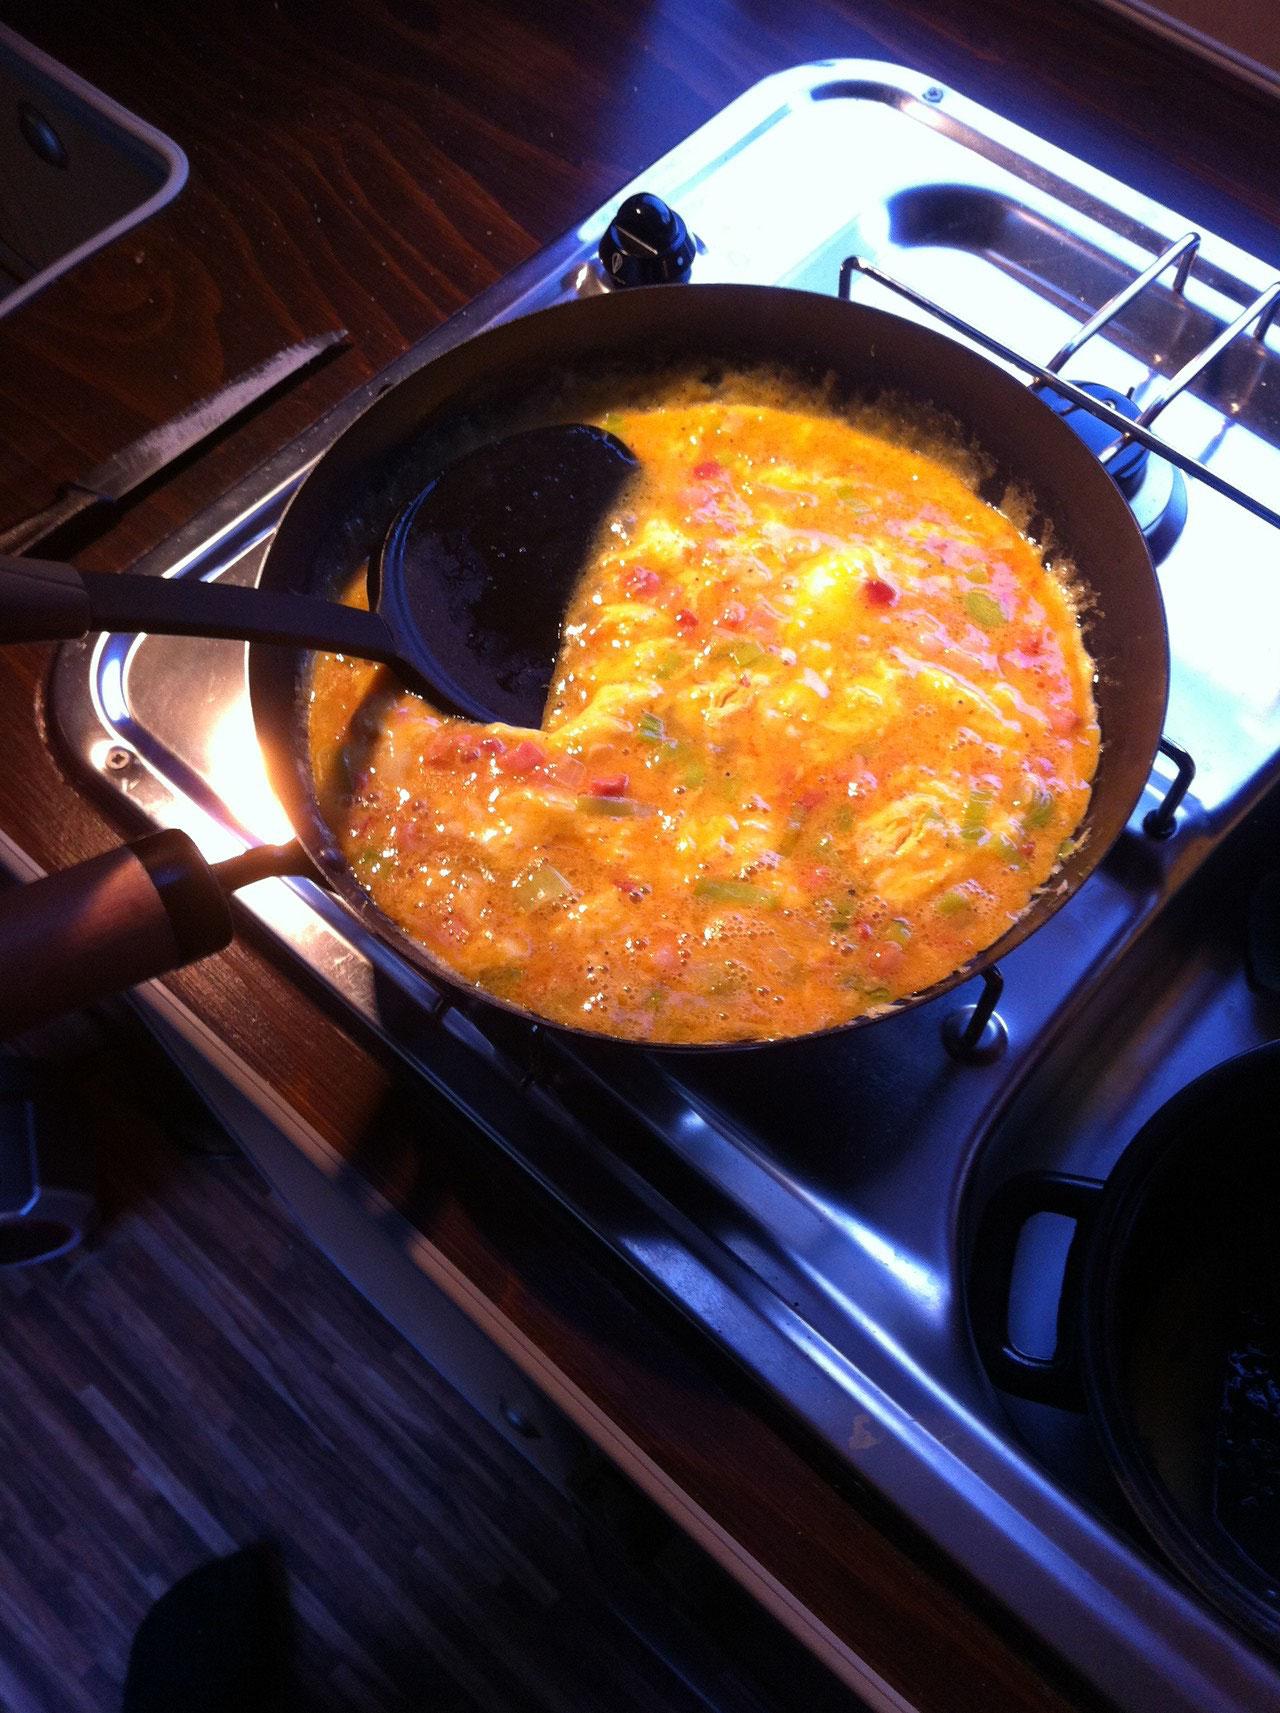 4-6 Eier mit etwas Milch verquirrlen, mt salz u Pfeffer sowie Paprika würzen, eine gute Hand voll reibkäse untermengen und dazugeben. Das ganze nun stocken lassen, dann zerreissen und weiter anbraten bis die gewünschte Konsistenz erreicht ist.